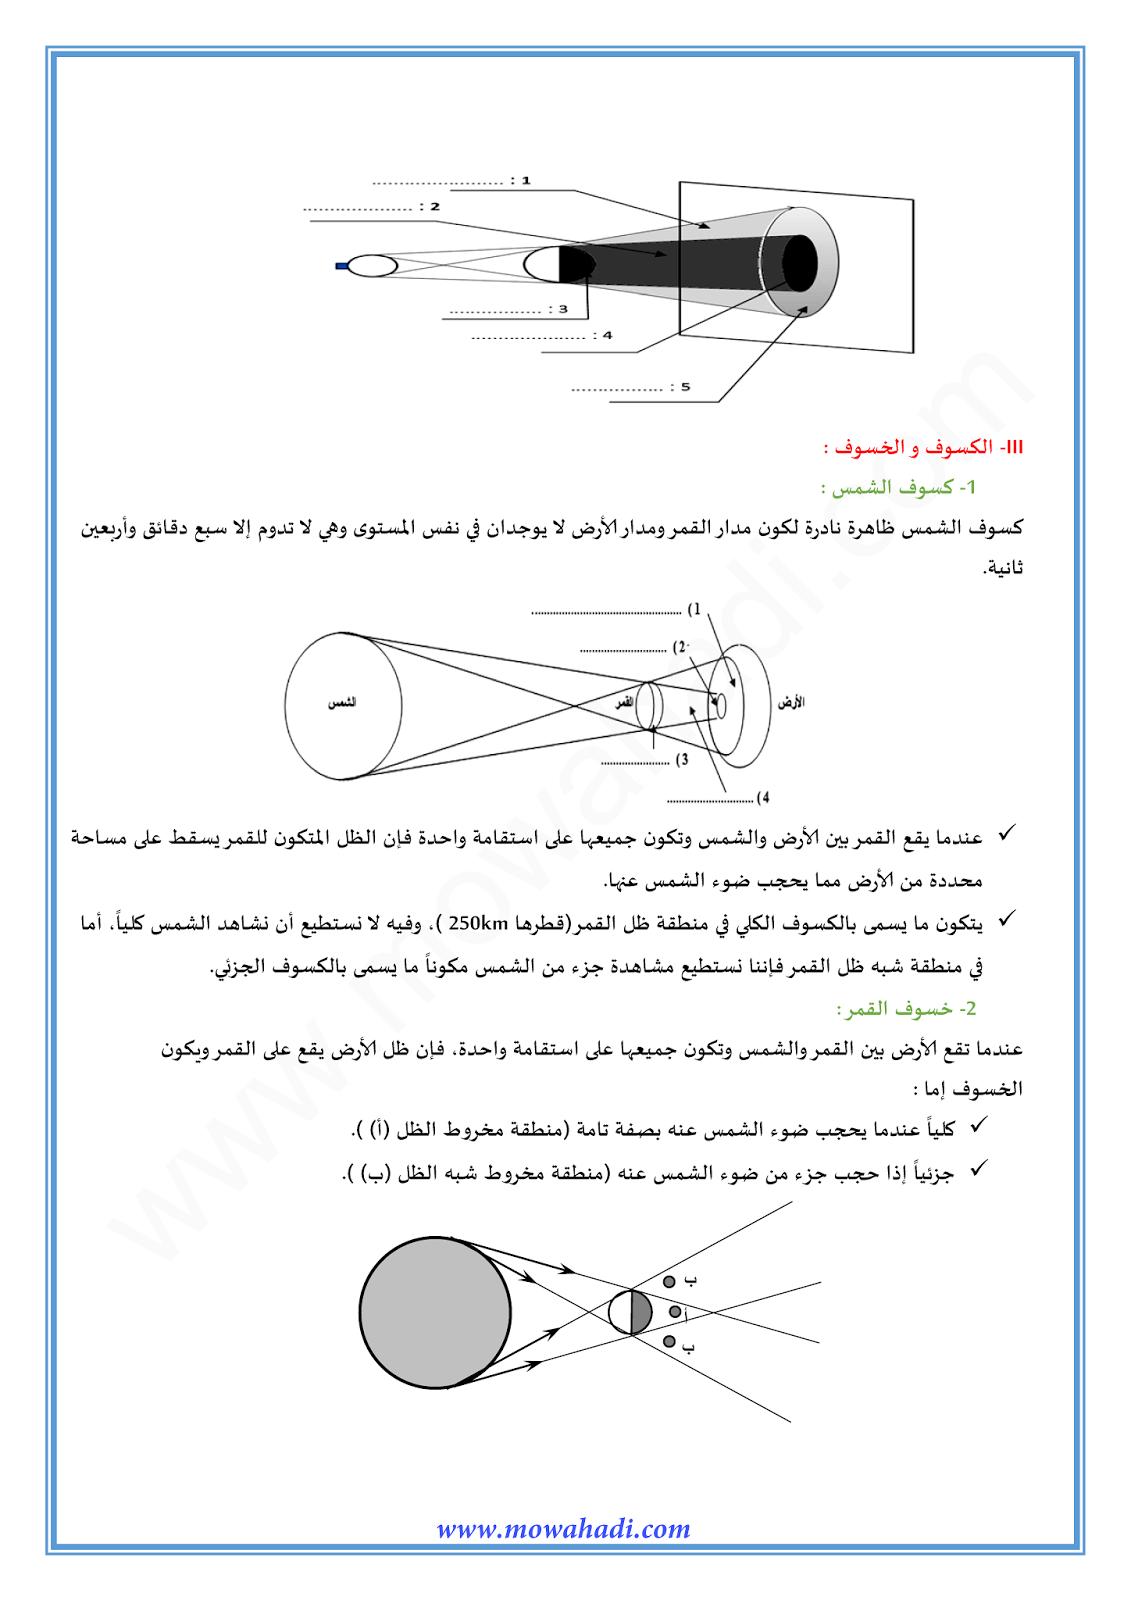 تطبيقات الانتشار المستقيمي للضوء -1